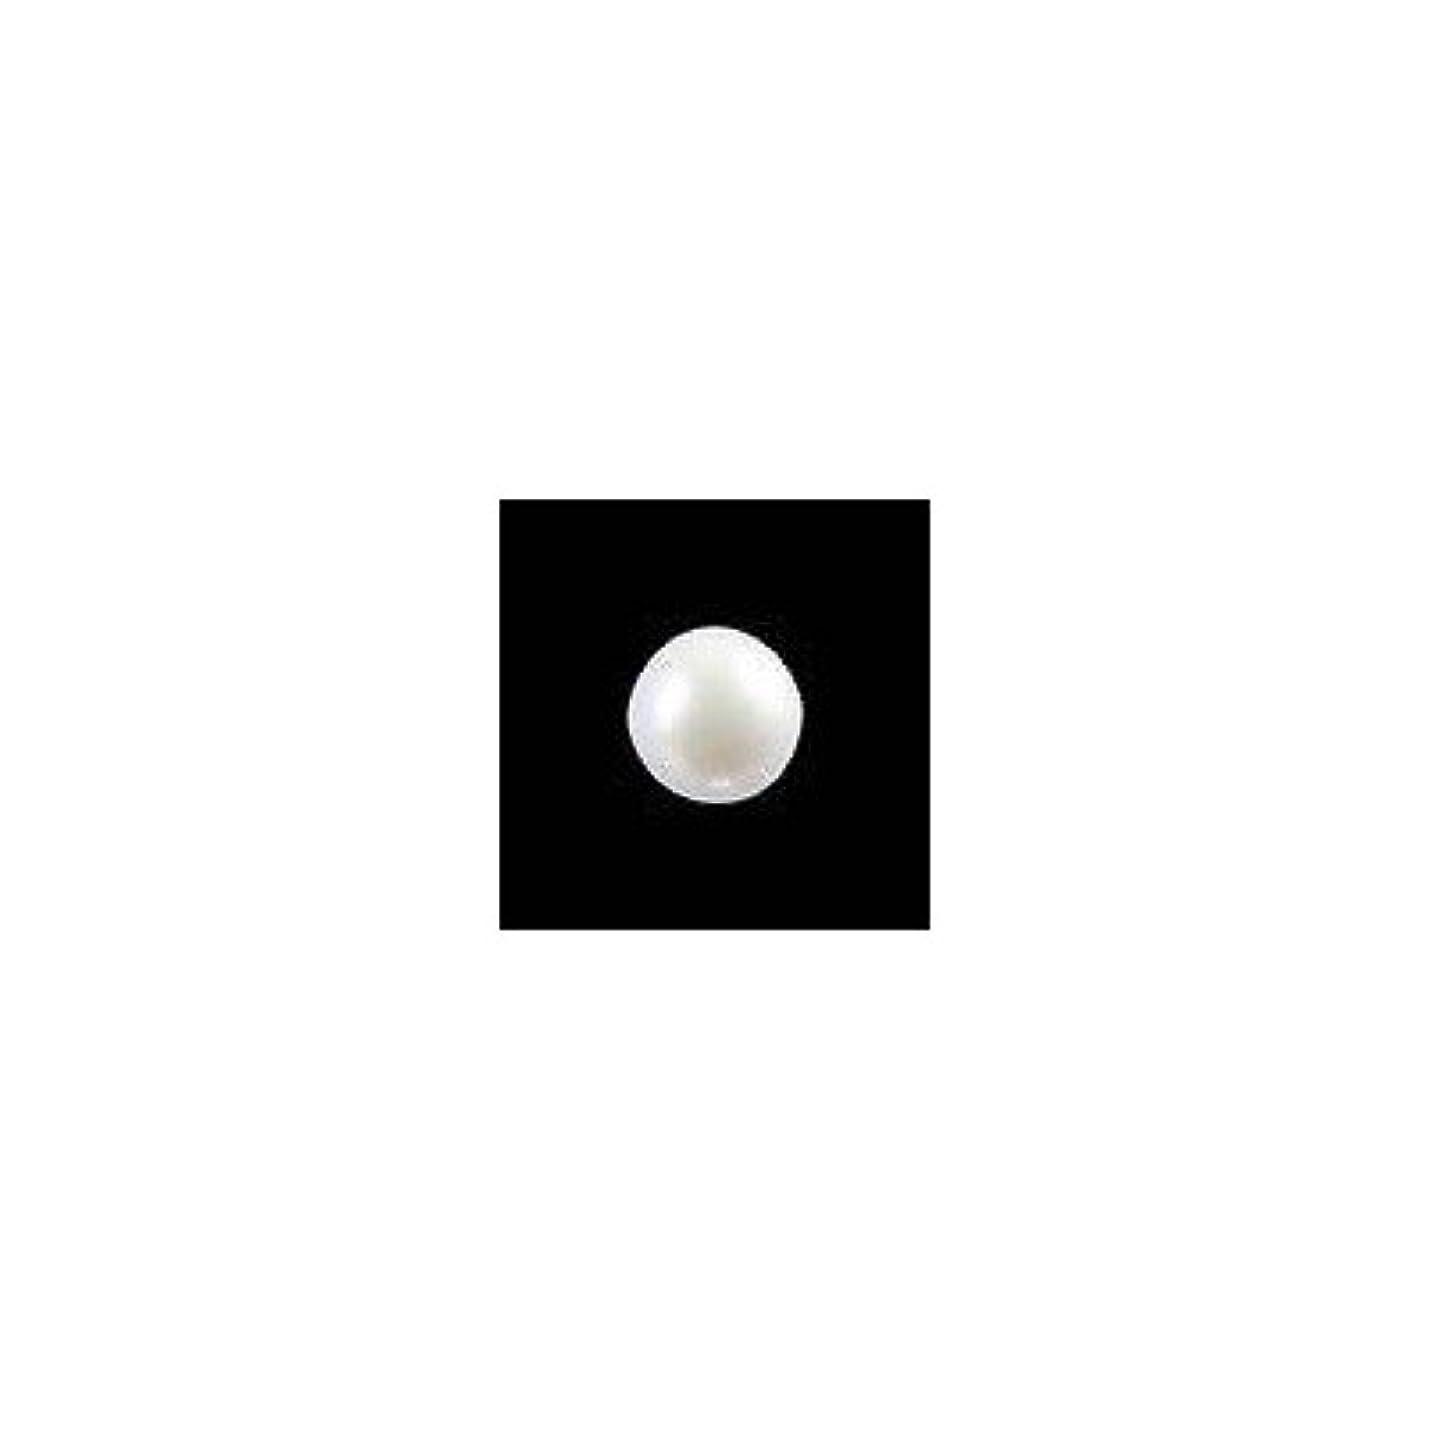 青写真ぶどう気楽なピアドラ 大粒パール ラウンド(5mm)24P